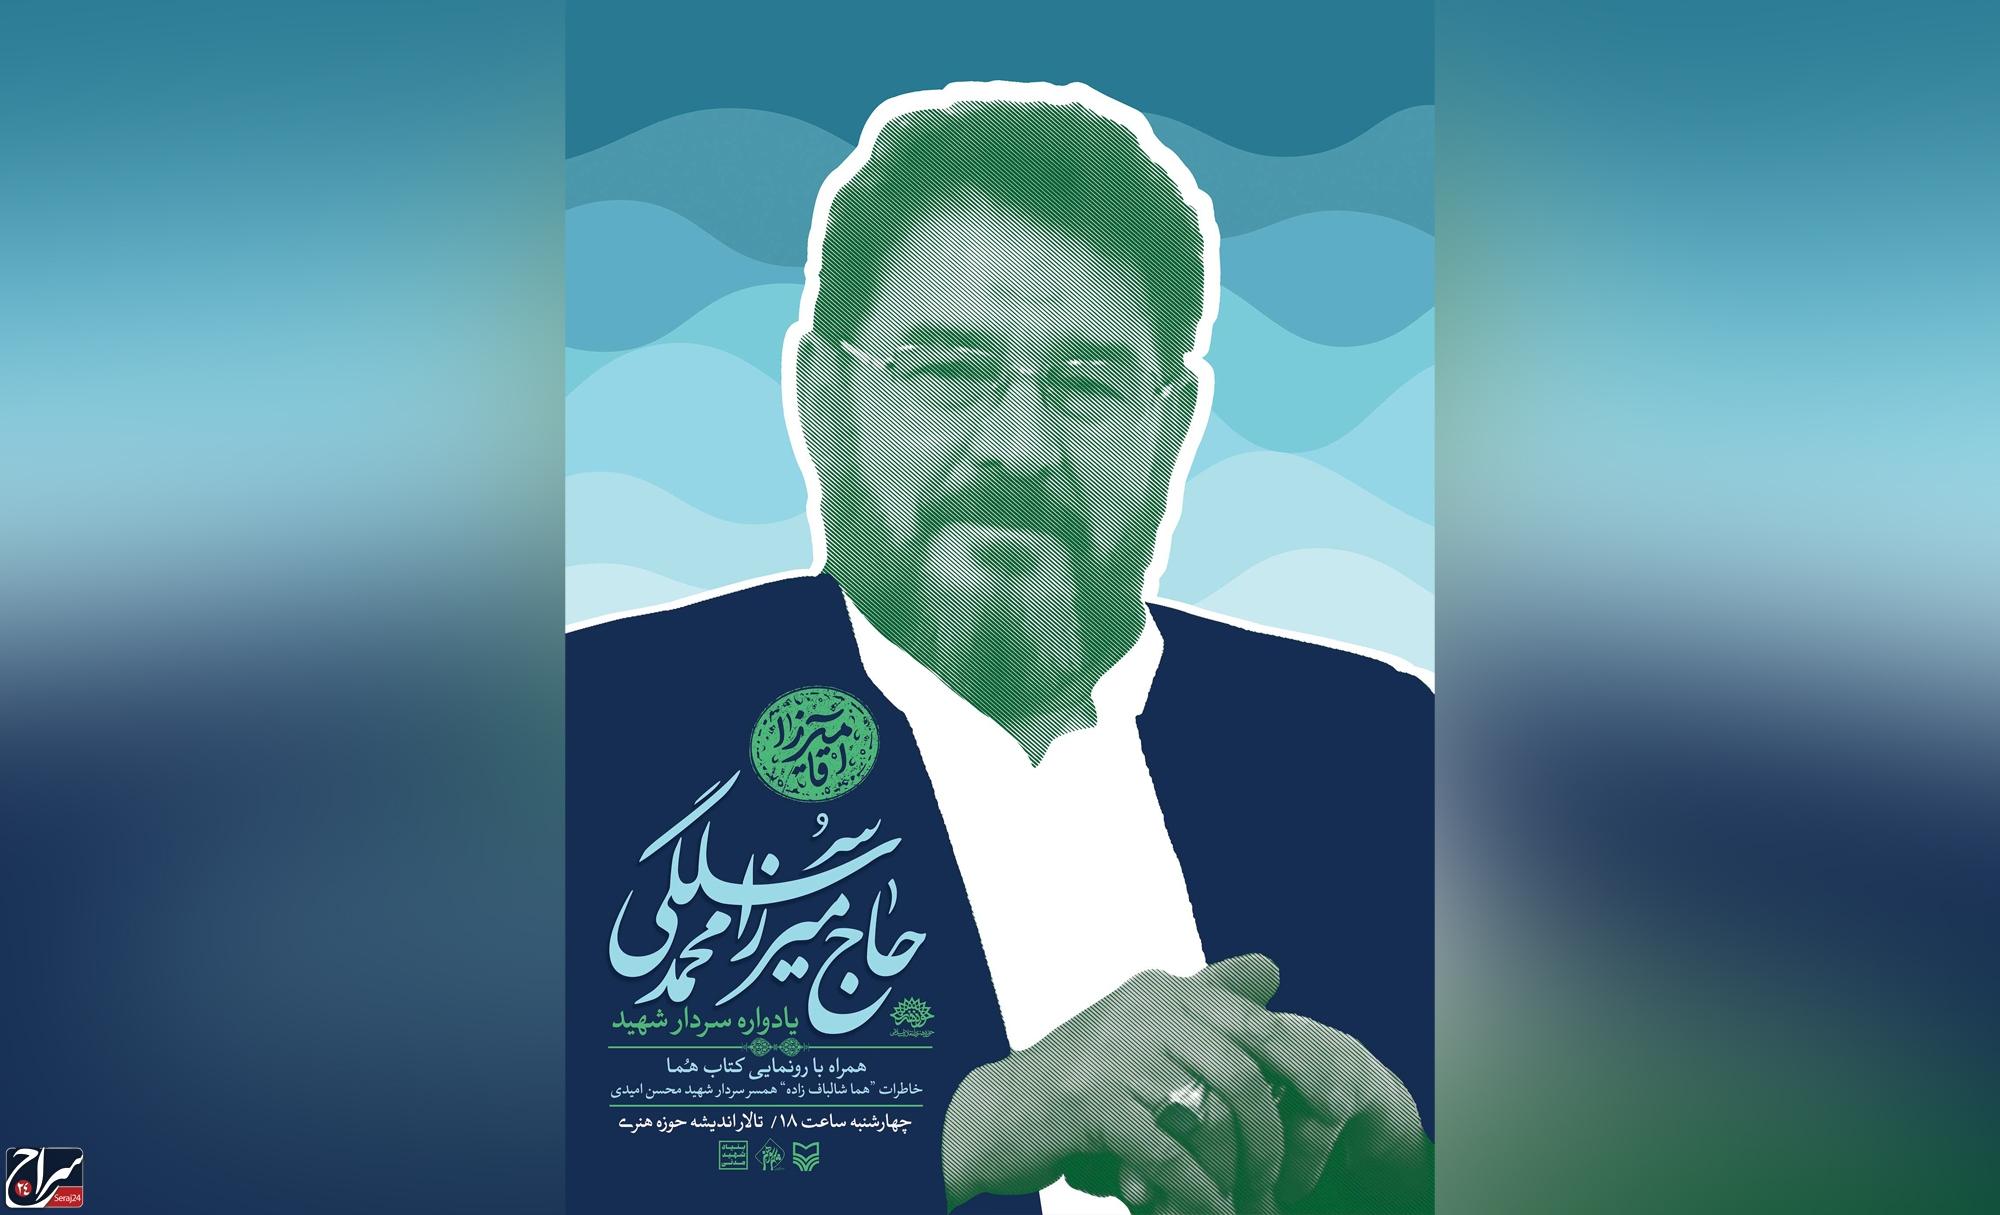 یادواره سردار شهید حاج میرزا محمد سلگی برگزار میشود